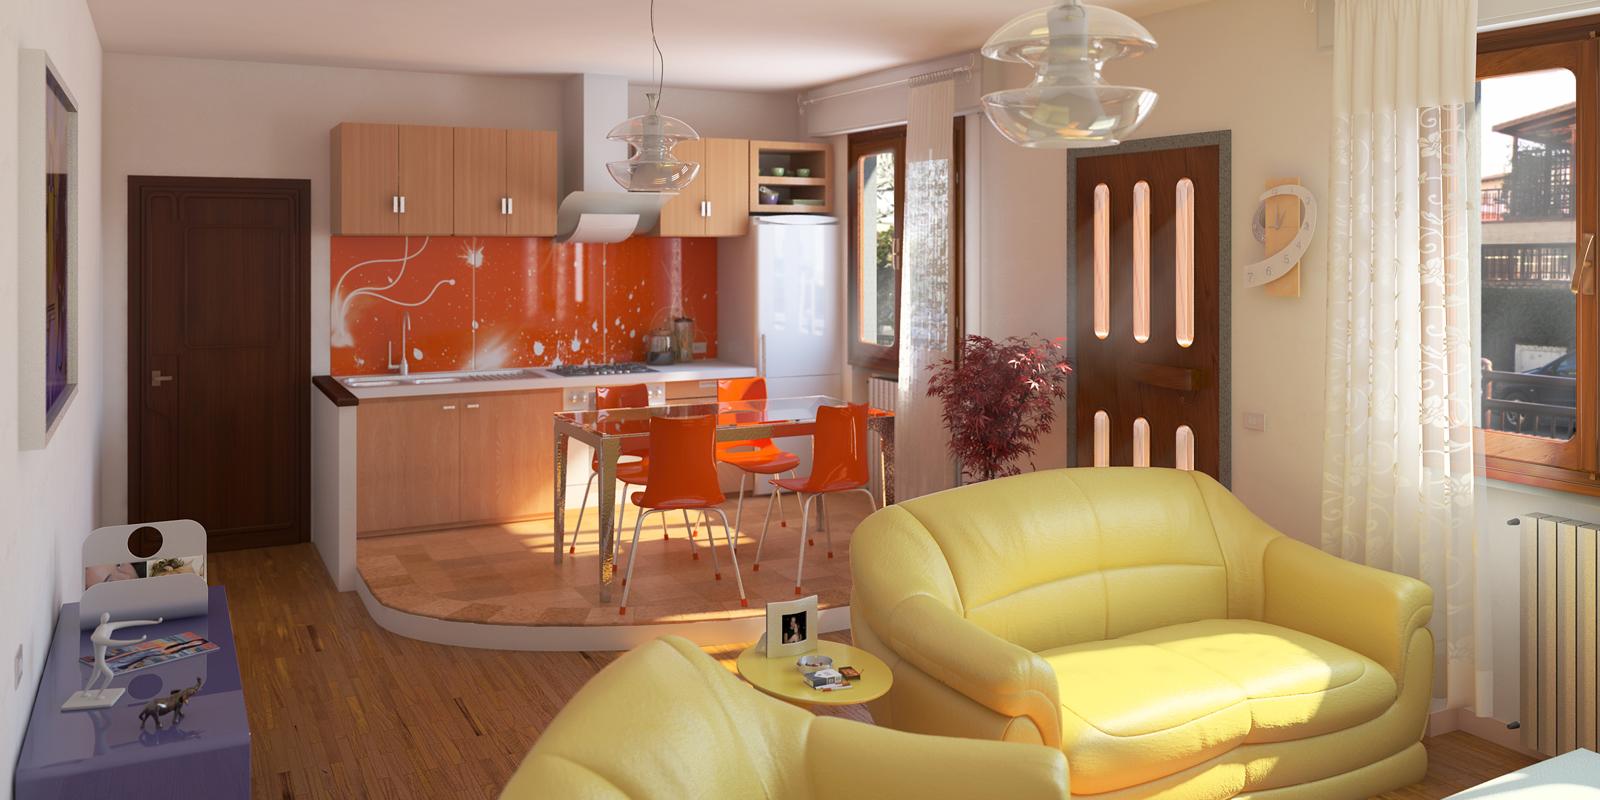 Soggiorno-Cucina  STUDIO ARCHITETTURA FIRENZE